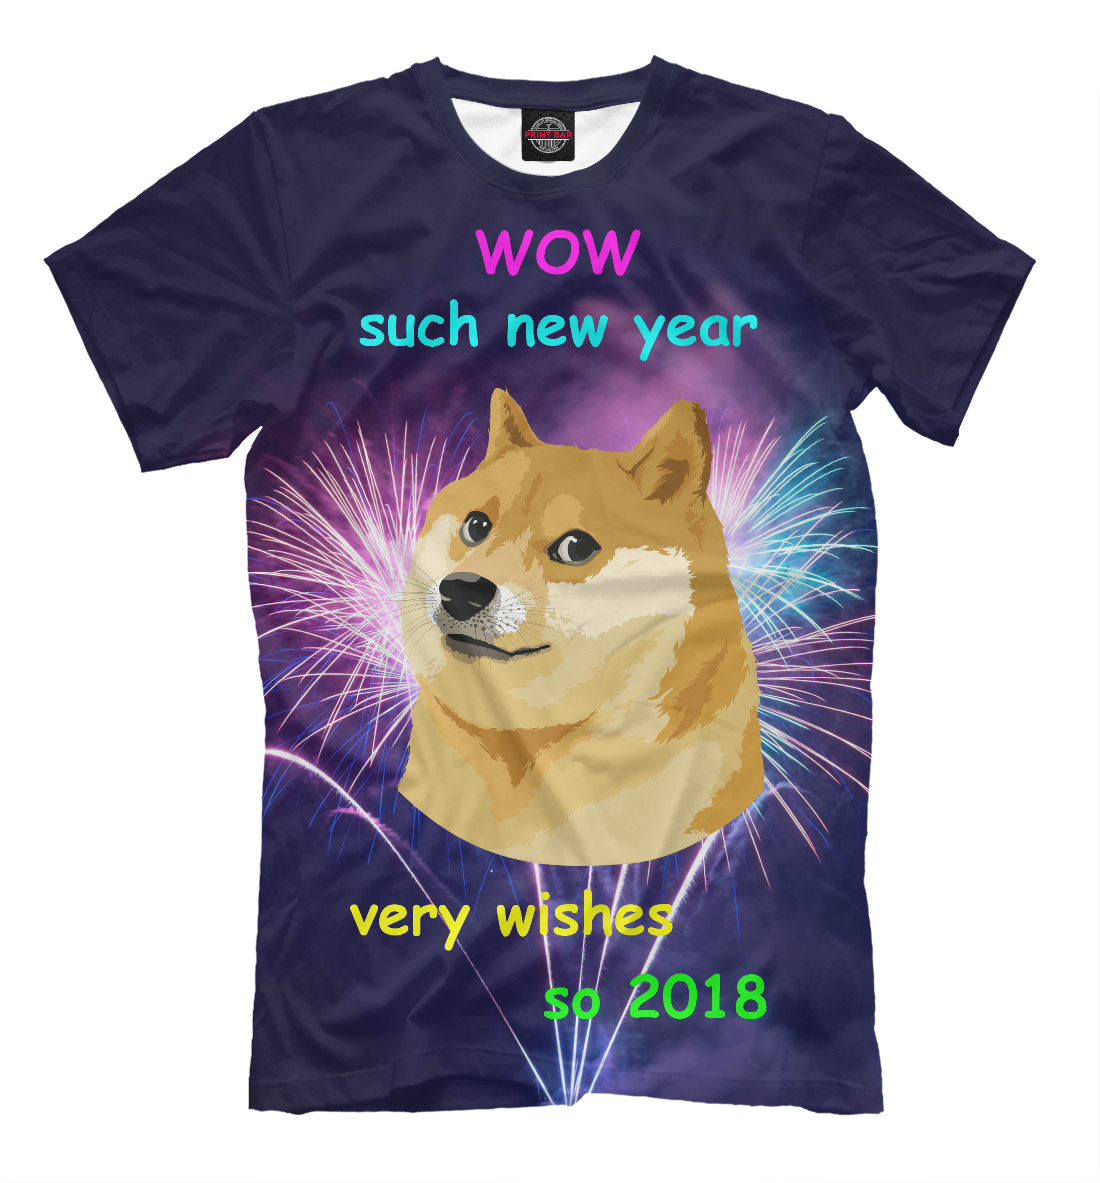 Купить WOW such new year so 2018, Printbar, Футболки, NOV-110182-fut-2